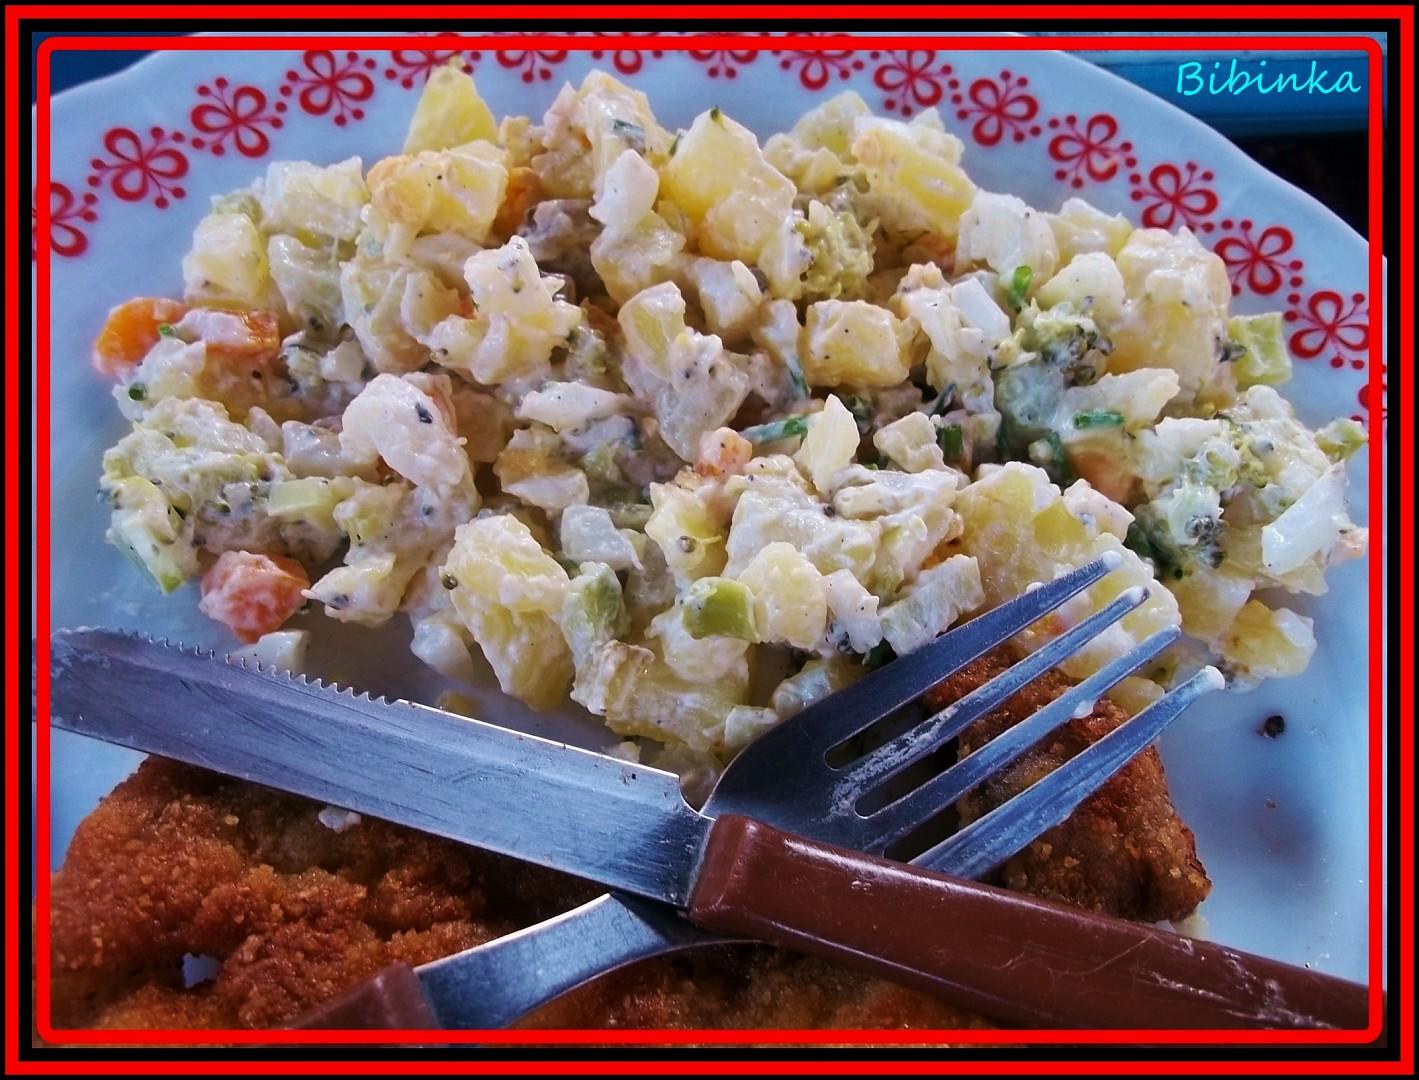 Letní bramborový salát s brokolicí (pro Danielku 72 i ostatní))